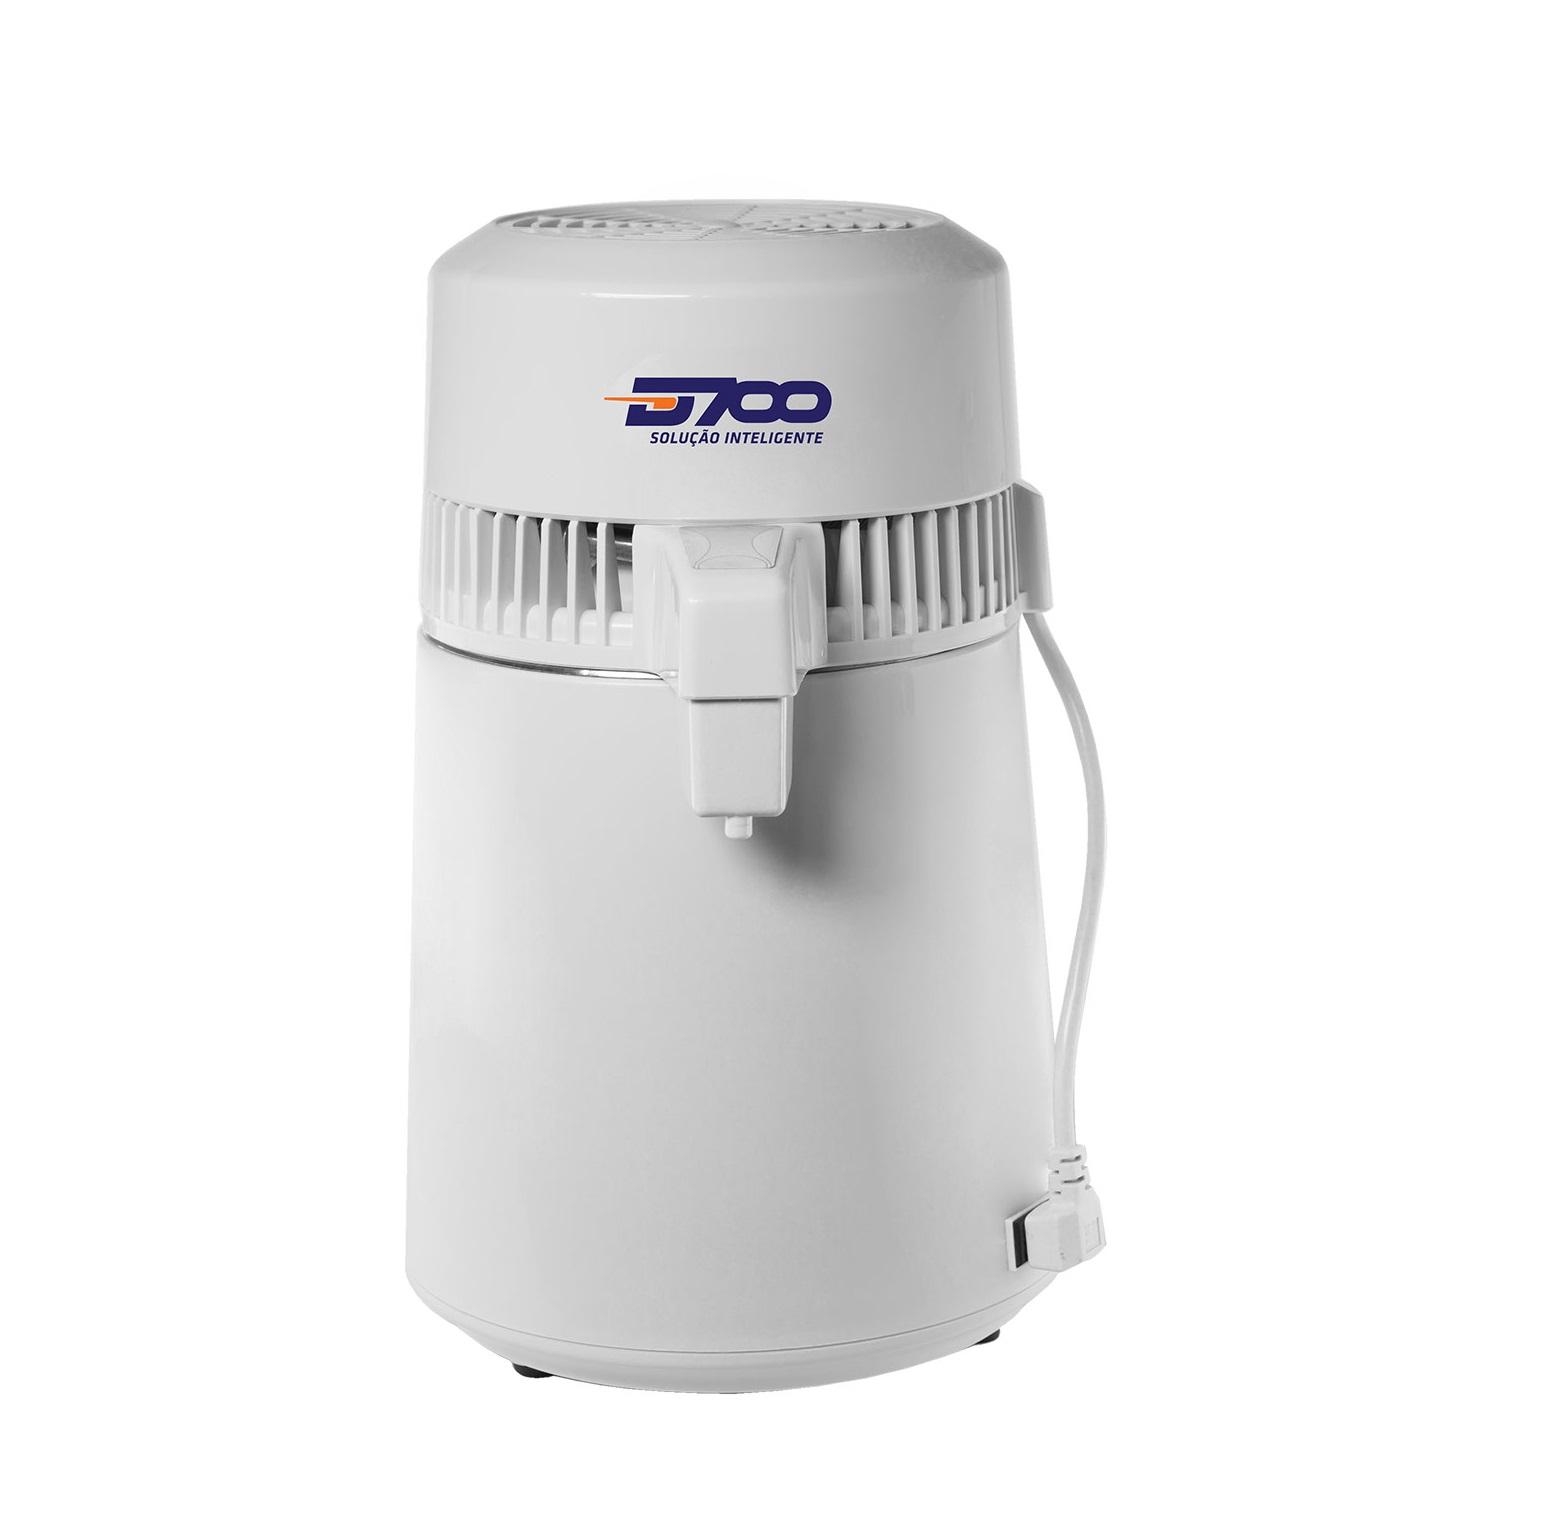 Destiladora Bio Aqua - D700